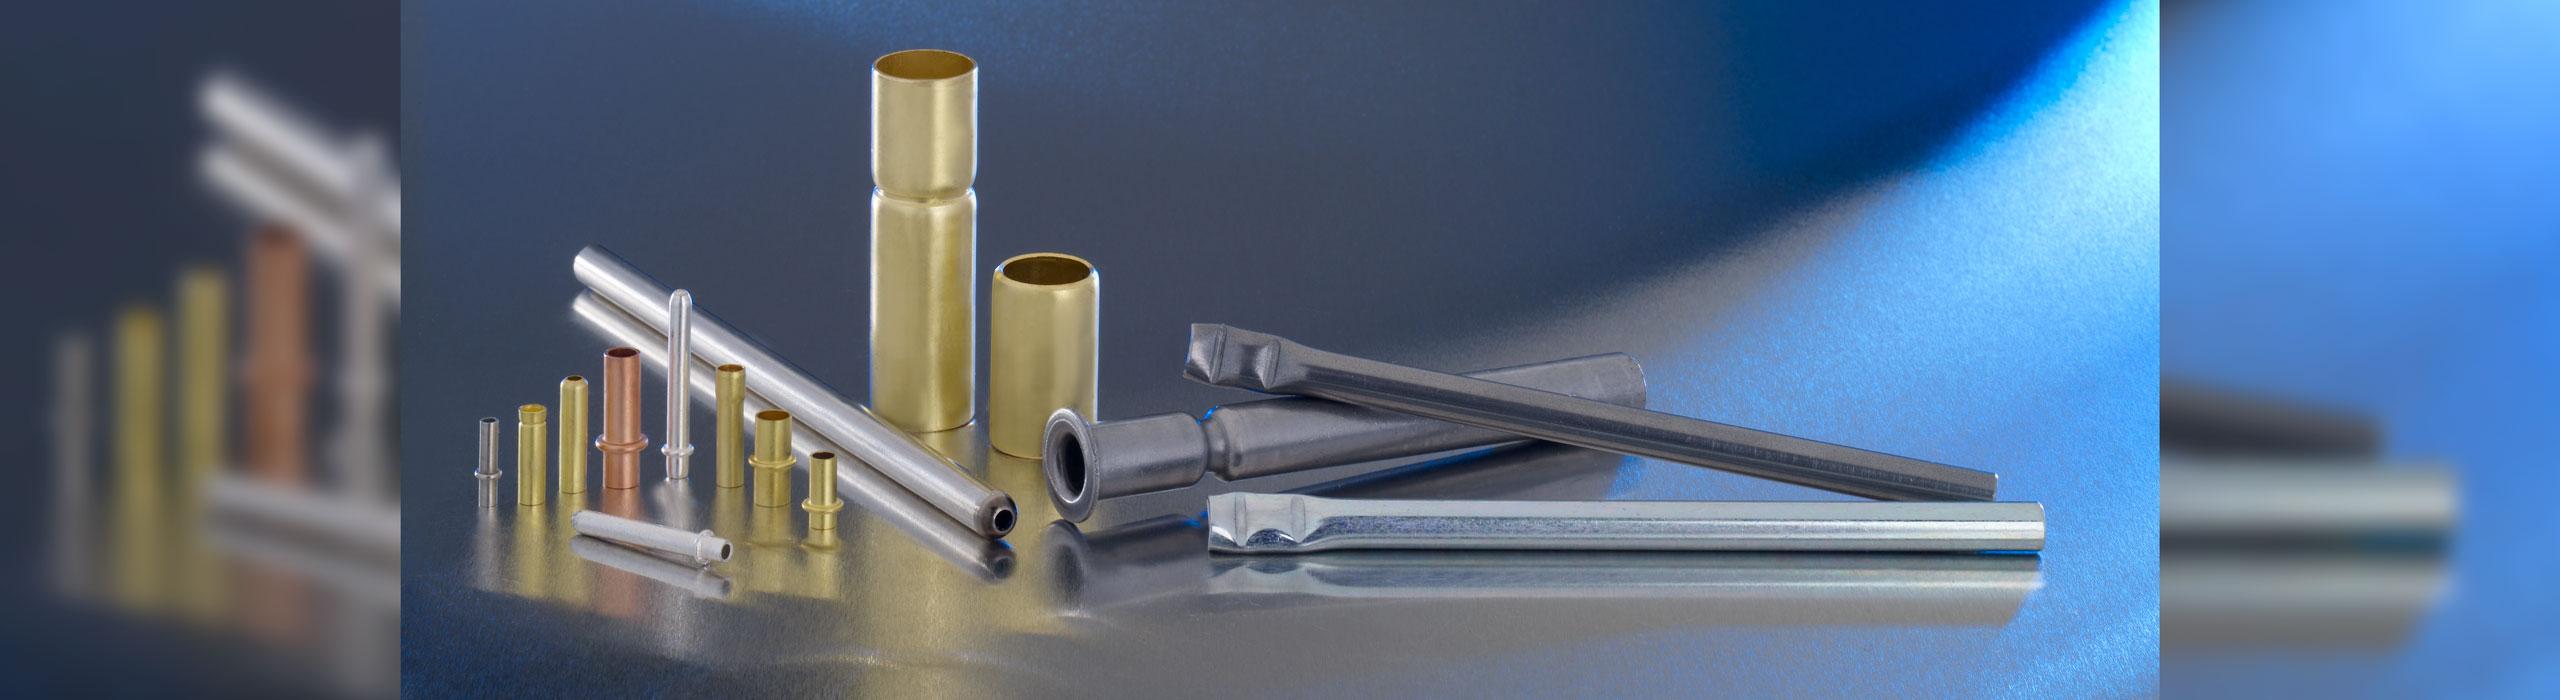 Rohrformteile wie zum Beispiel: Sickenröhrchen, Steckerstifte, Aufgeweitete Rohre, Eingezogene Rohre, Gestauchte Rohre, Rollierde Rohre, Geplättete Rohre